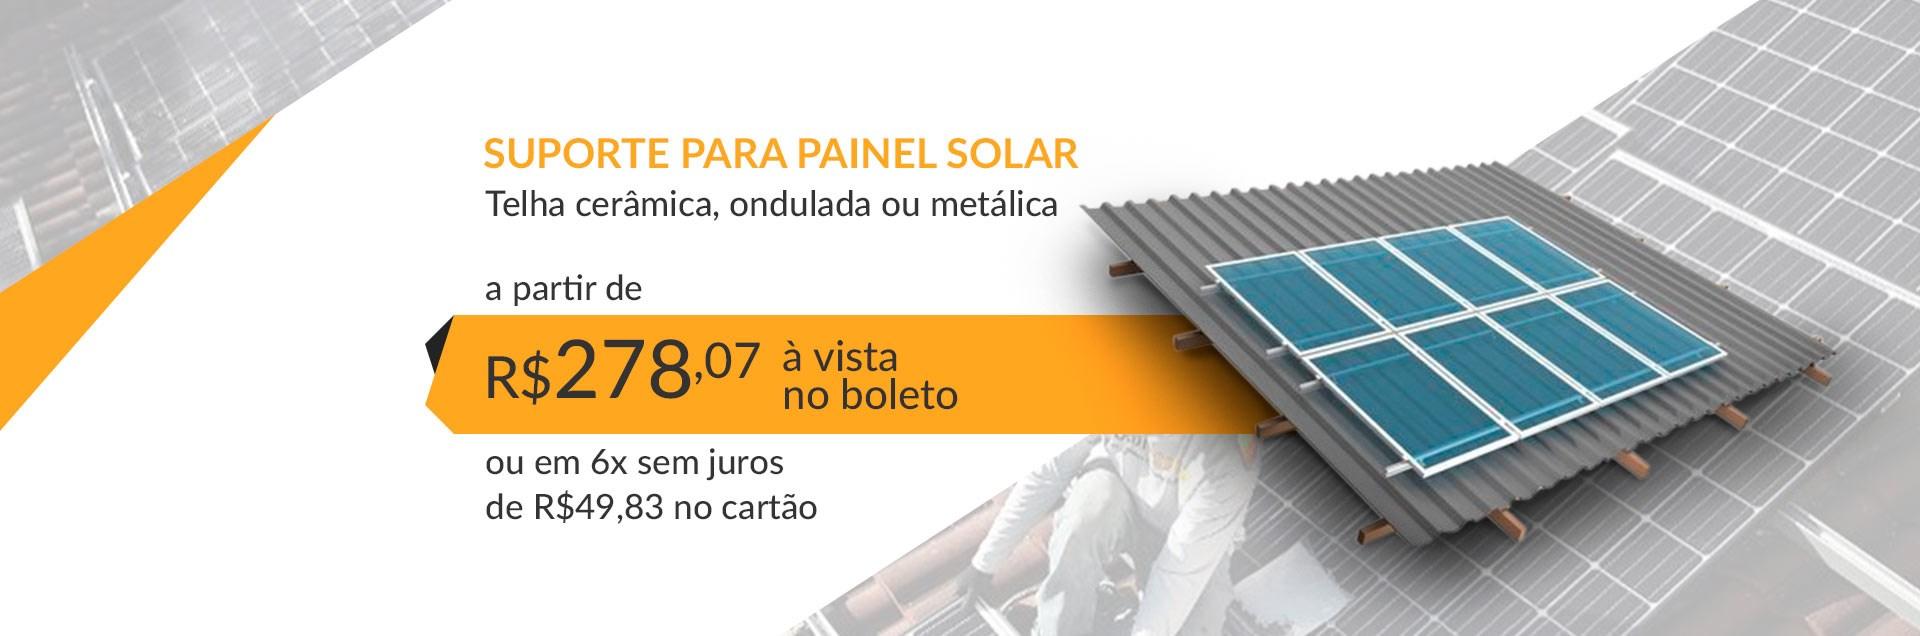 Suporte para Painel Solar - Telha cerâmica, ondulada e metálica